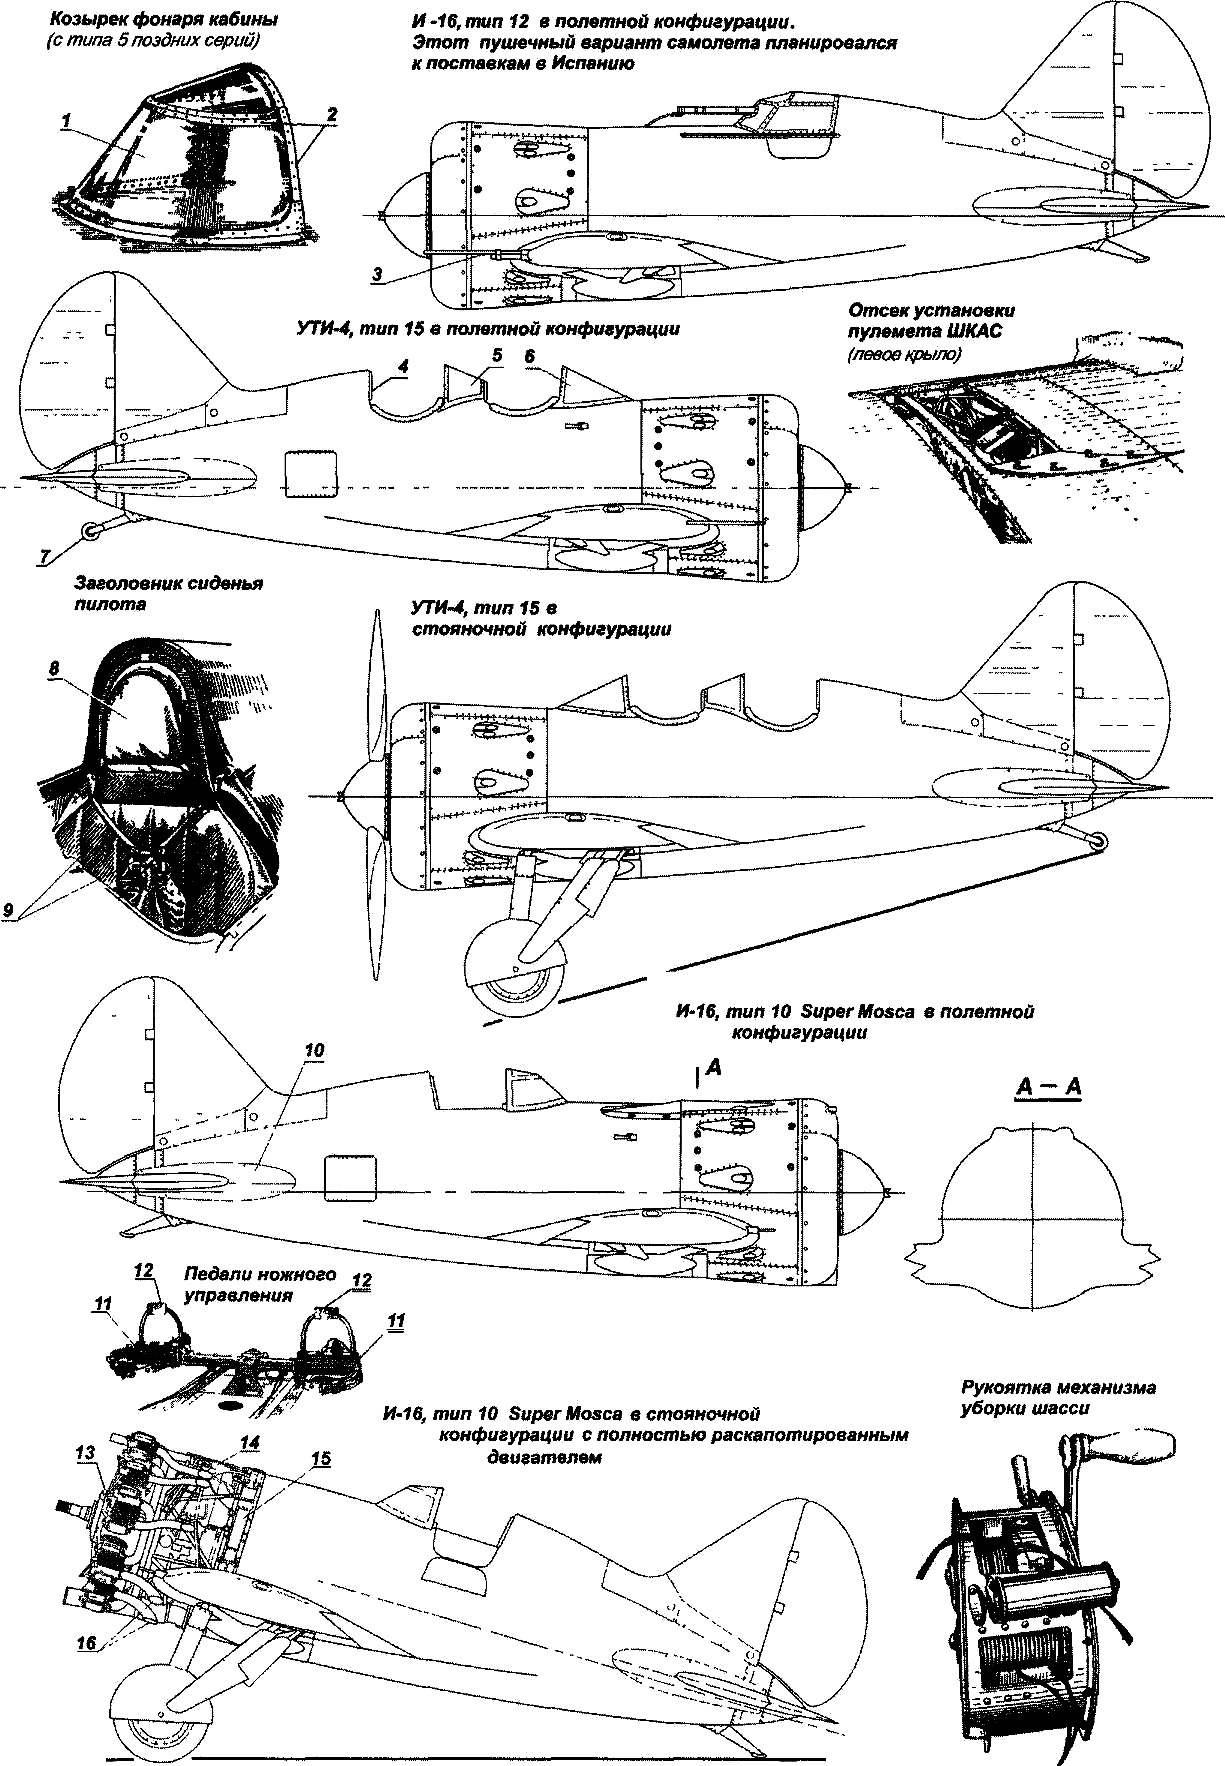 Самолет-истребитель И-16: